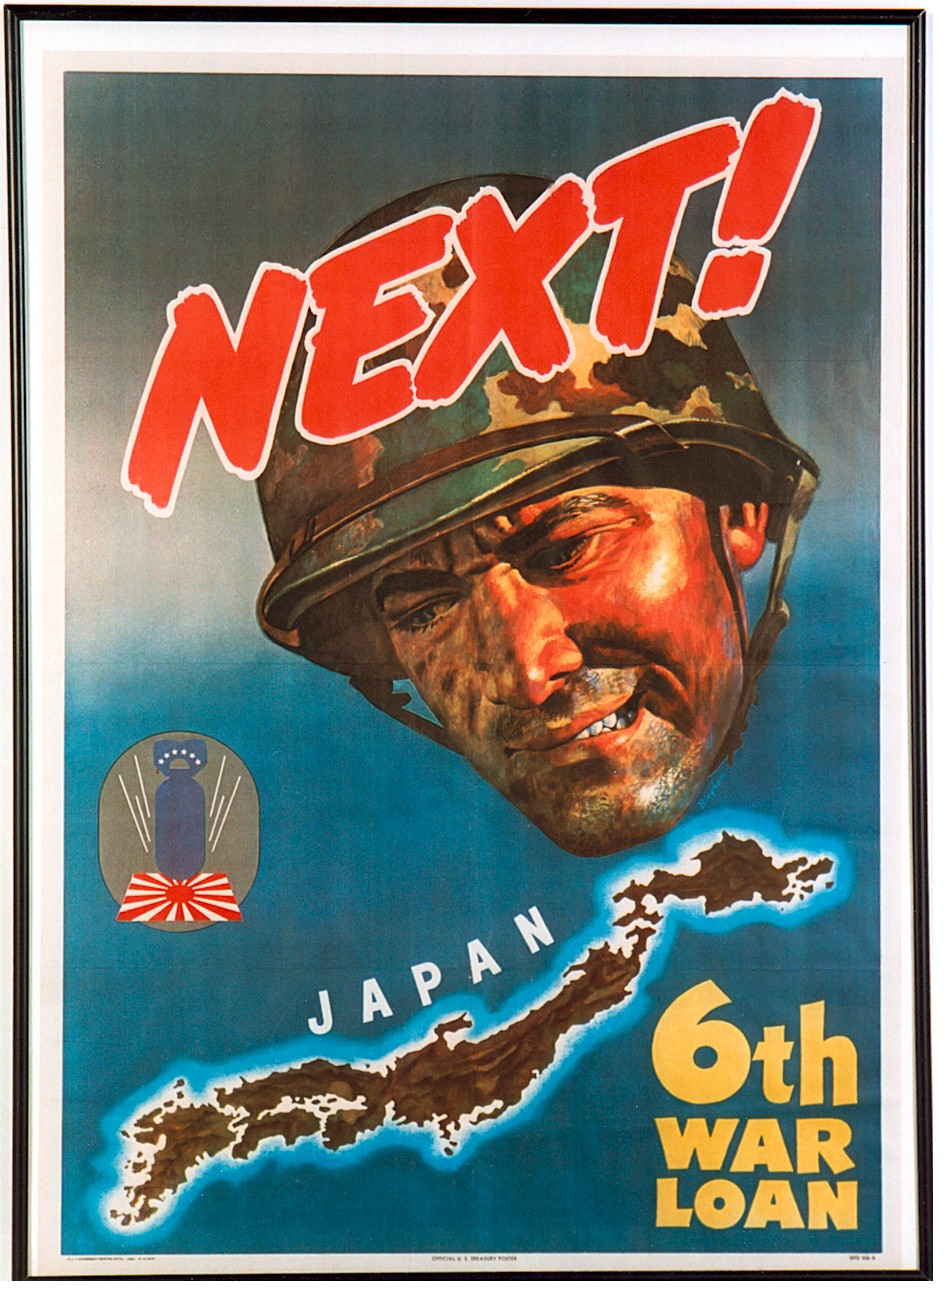 15b_6th_War_Loan.jpg